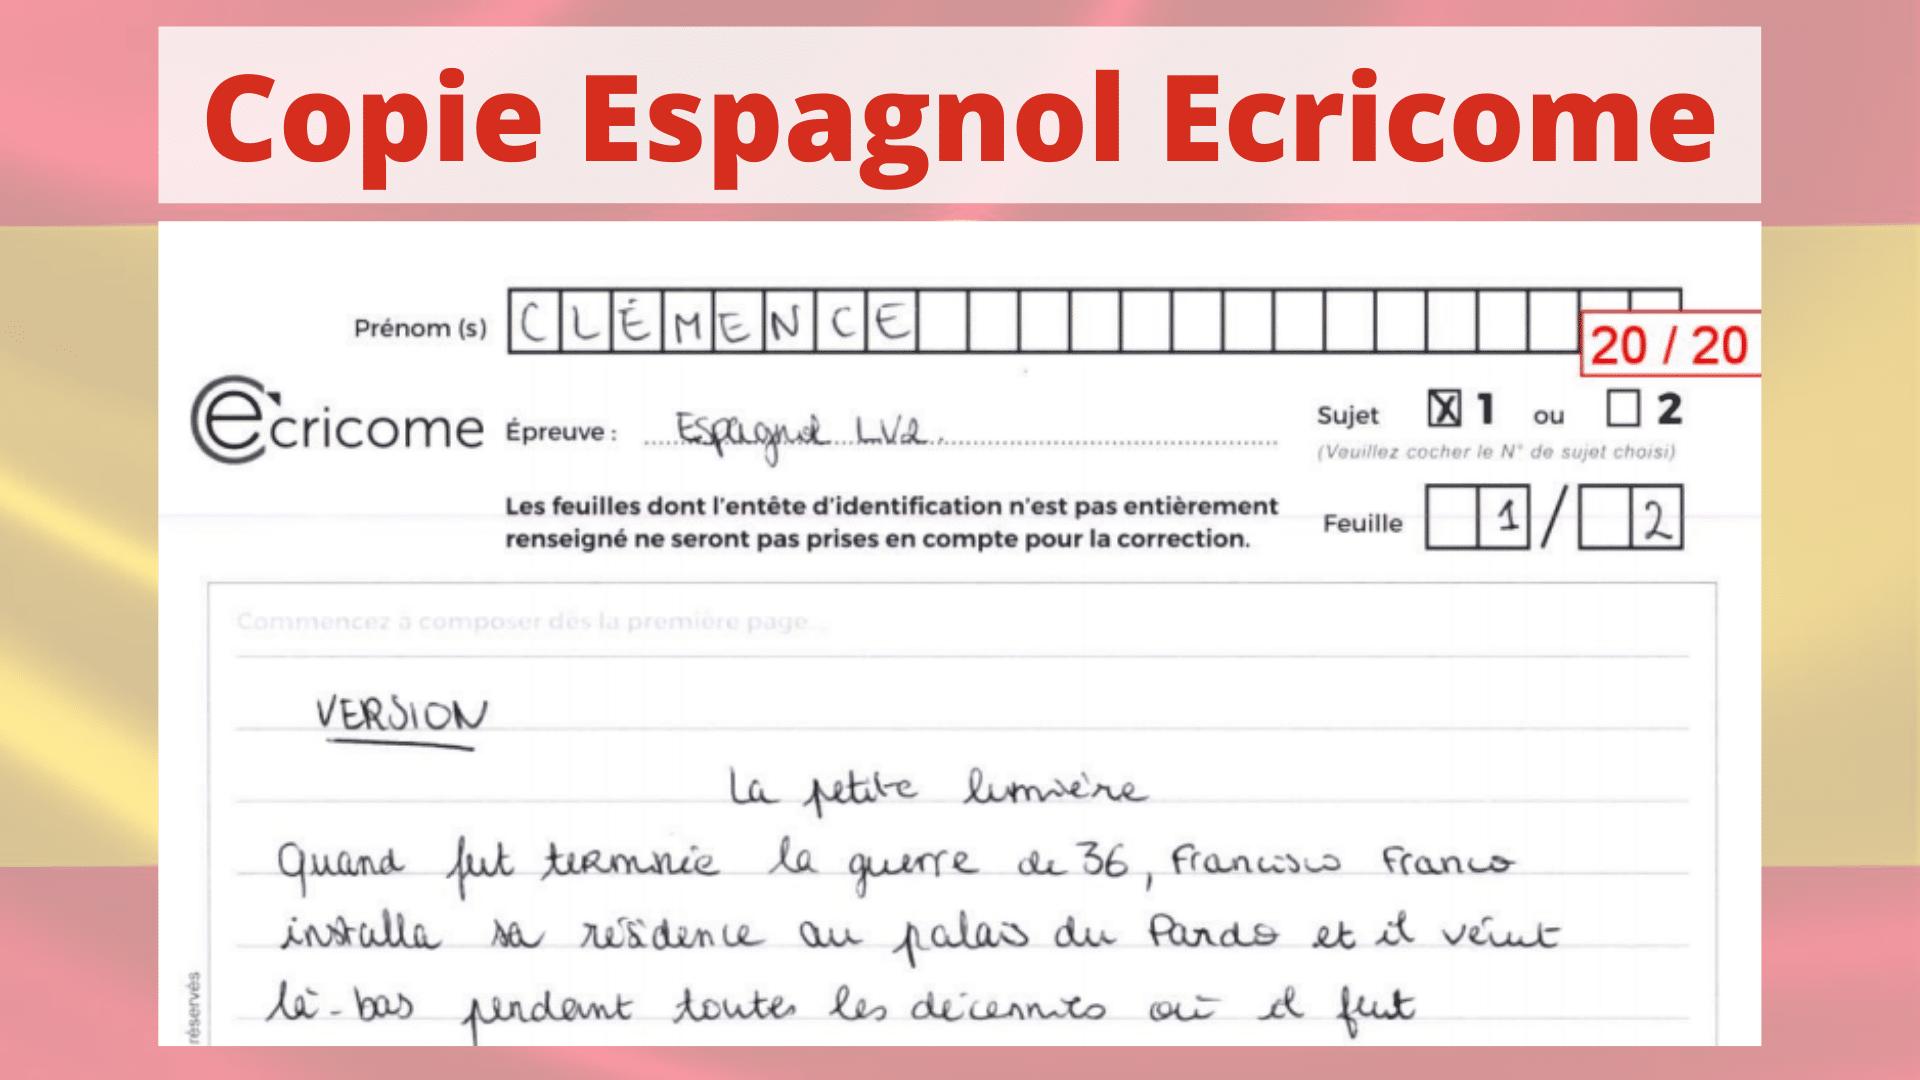 Espagnol Ecricome 2020 Copie De Clemence 20 20 Et Conseils Mister Prepa